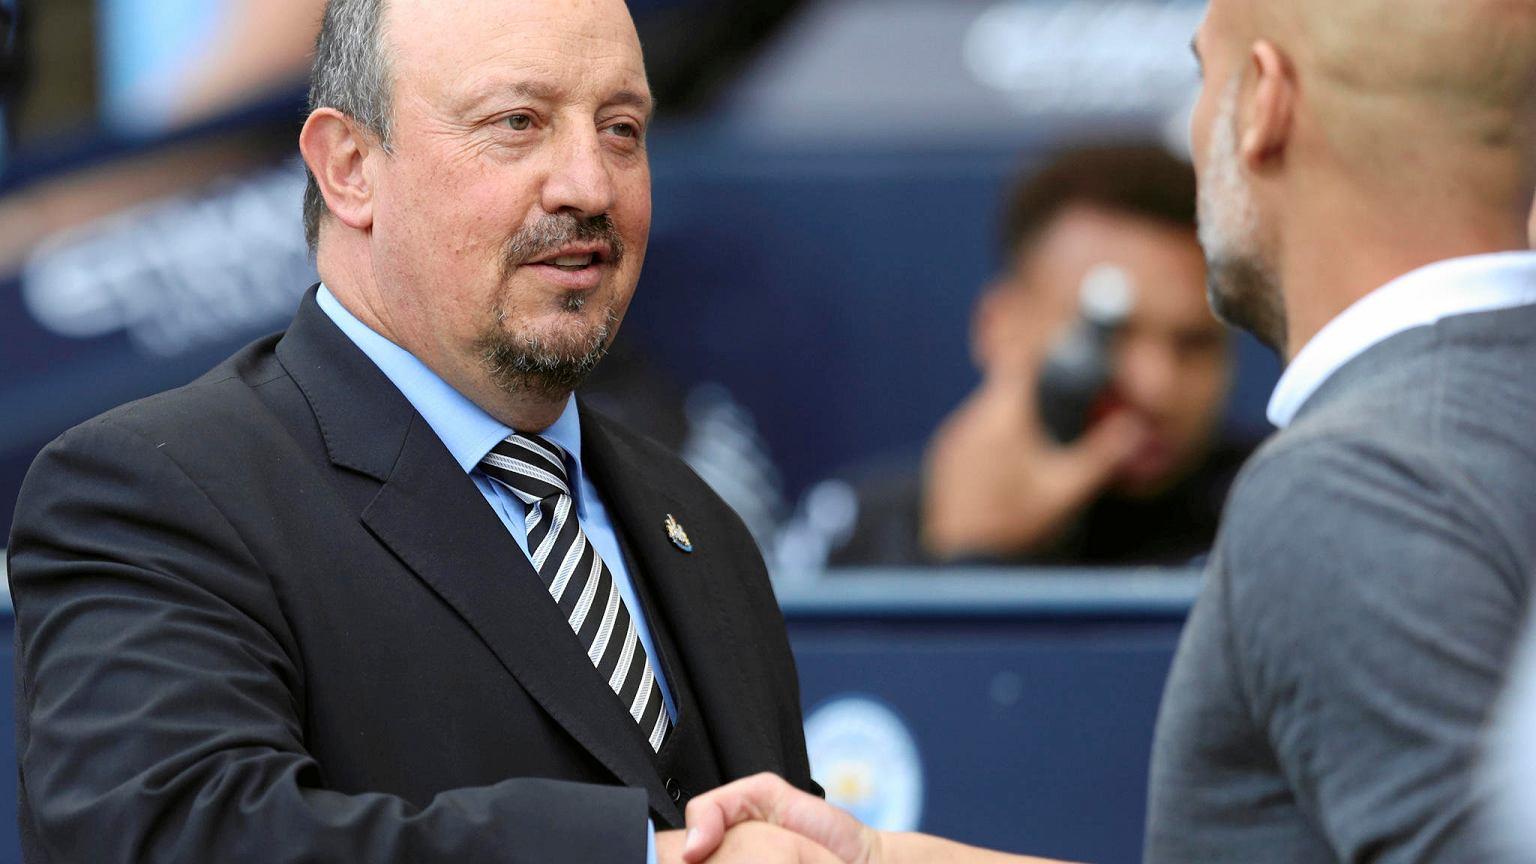 a8e2500e9 Rafael Benitez podpisał kontrakt z nowym klubem! Zarobi 12 mln funtów  rocznie Piłka nożna - Sport.pl